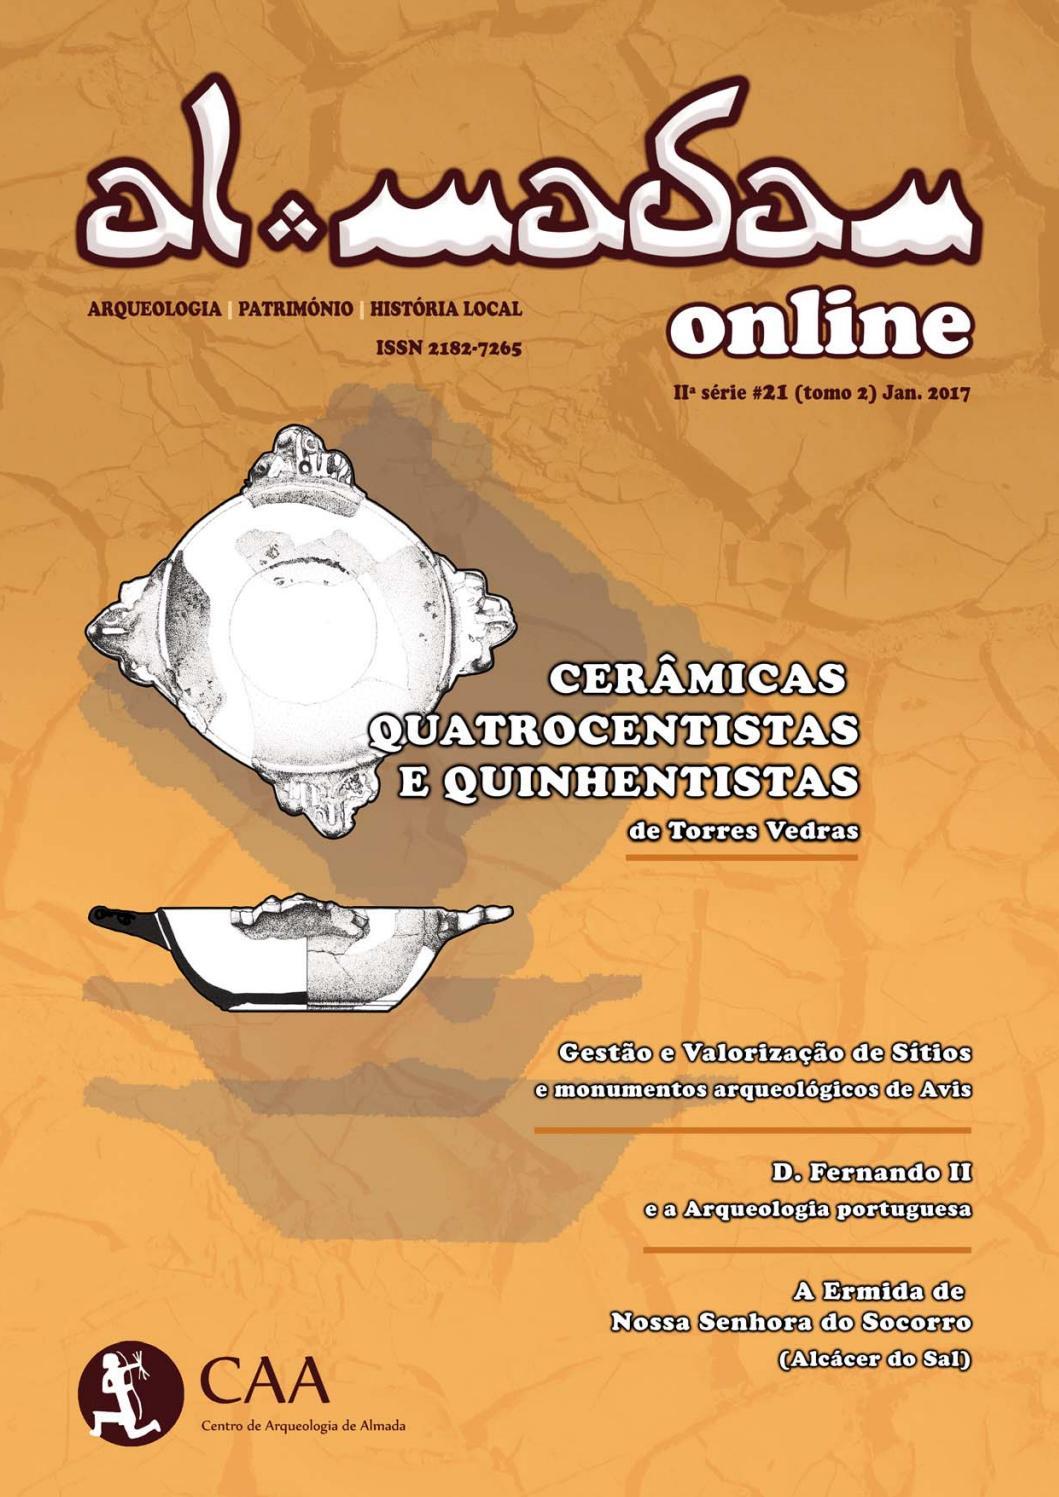 4c086a88a420e Al-Madan Online 21-2 by Al-Madan Online - issuu